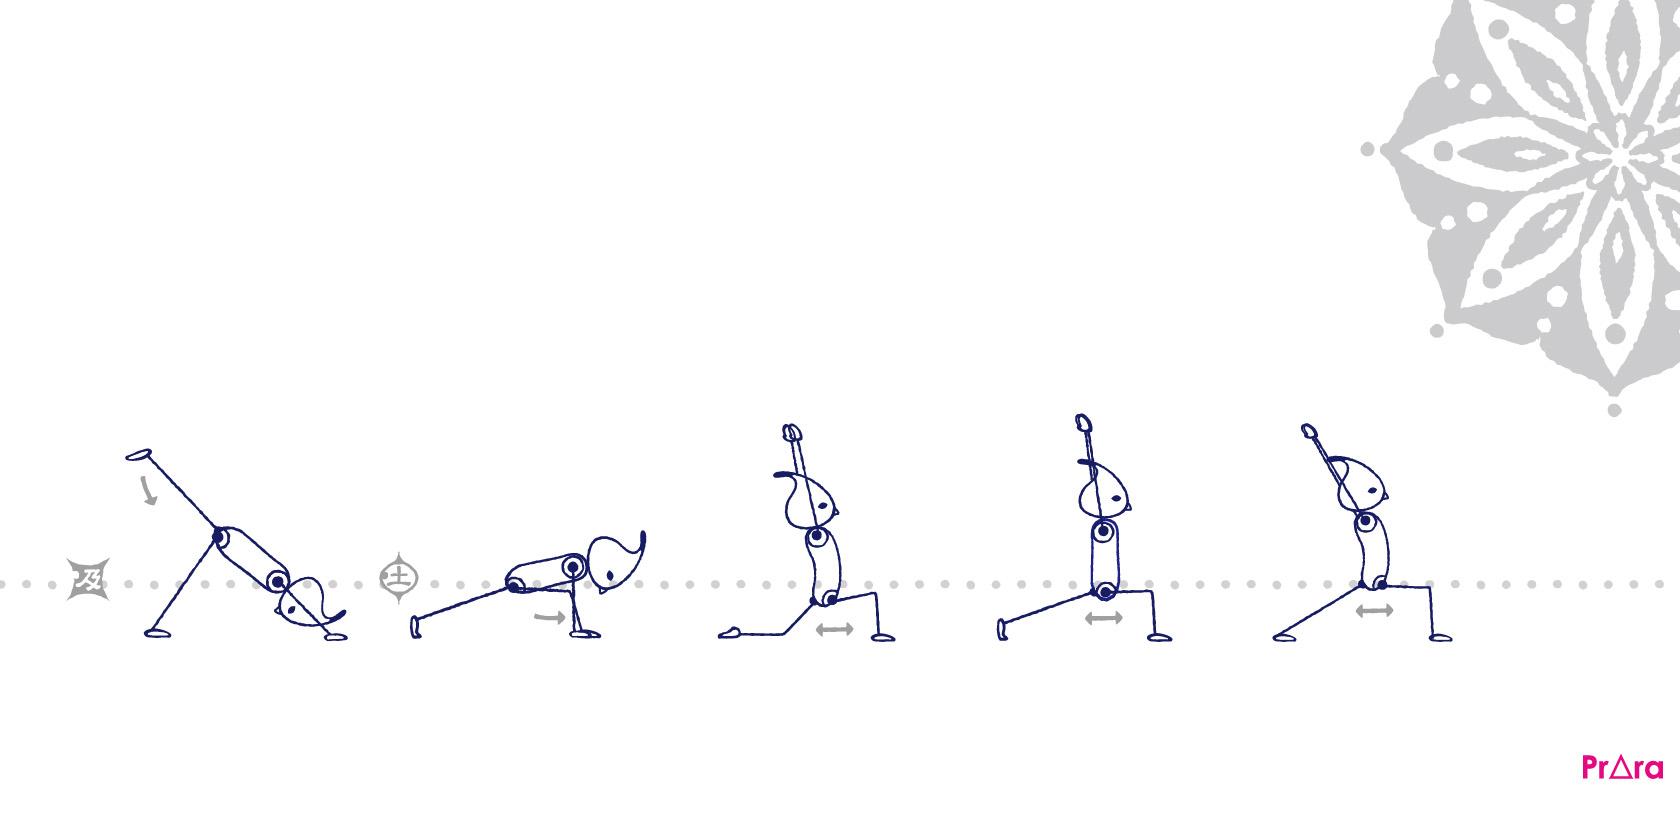 プラーラによる股関節フローの縦の動き